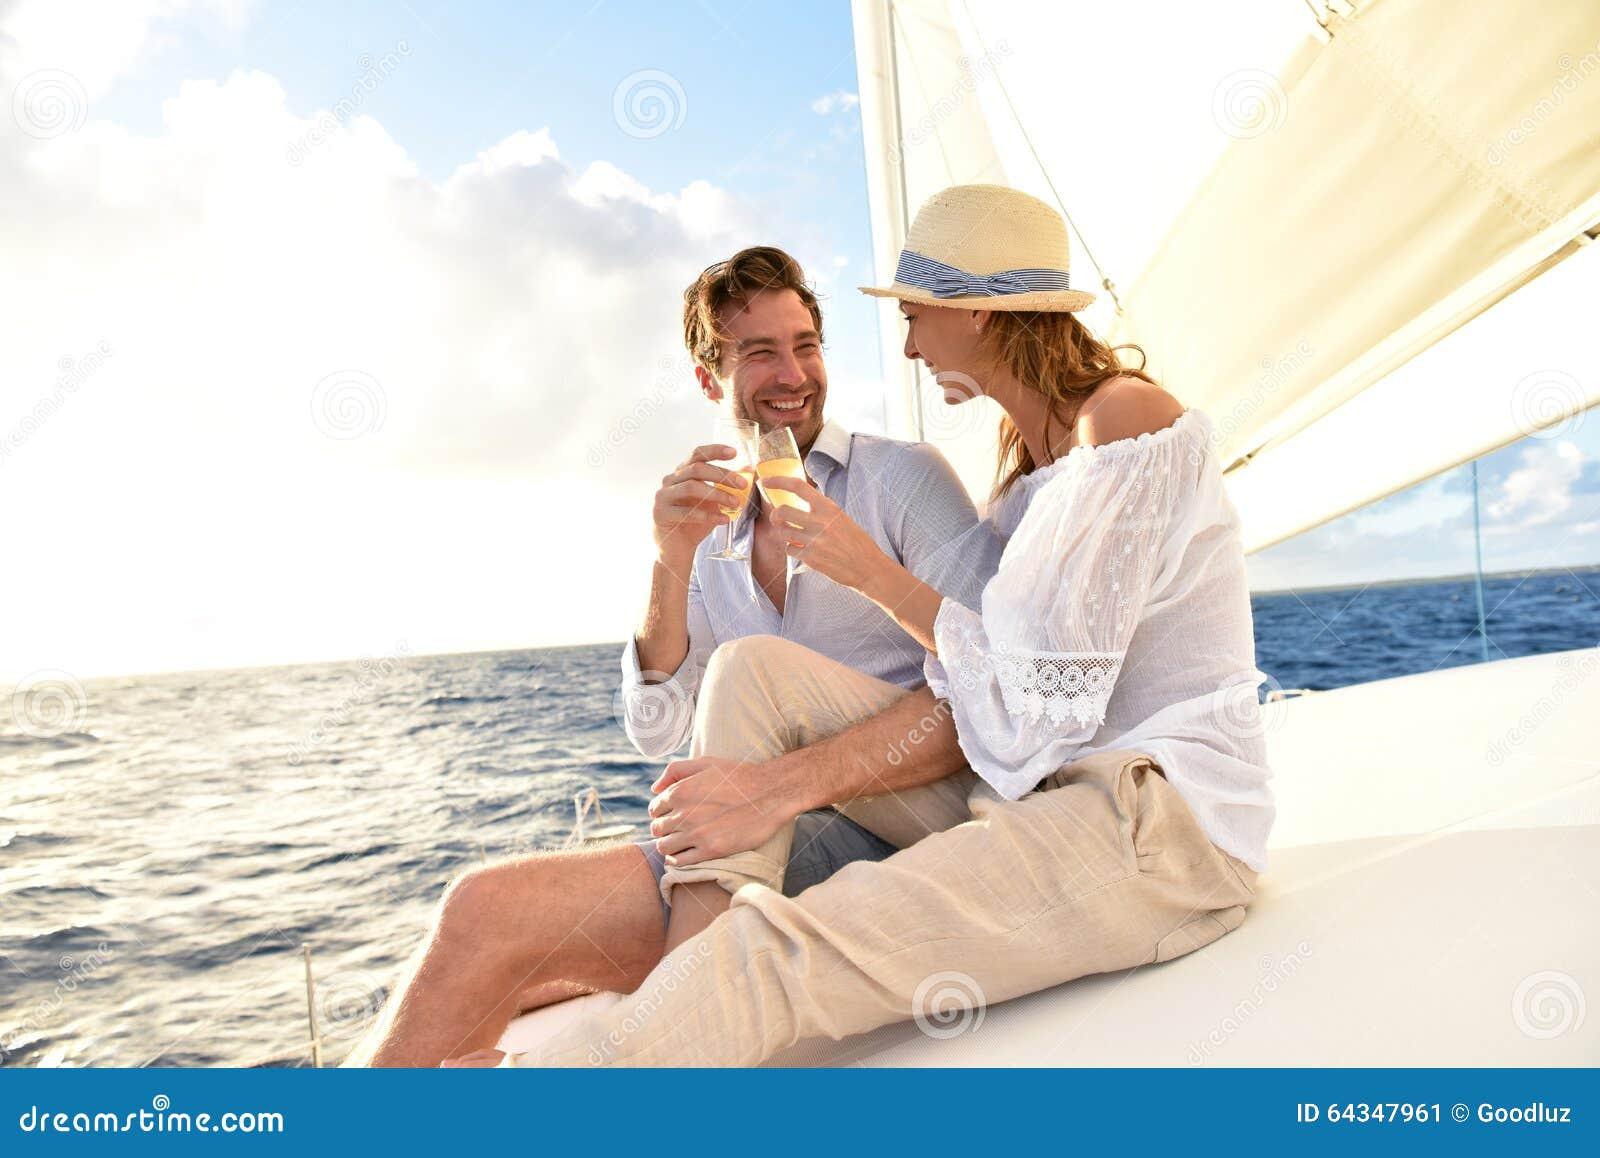 romantisch varen